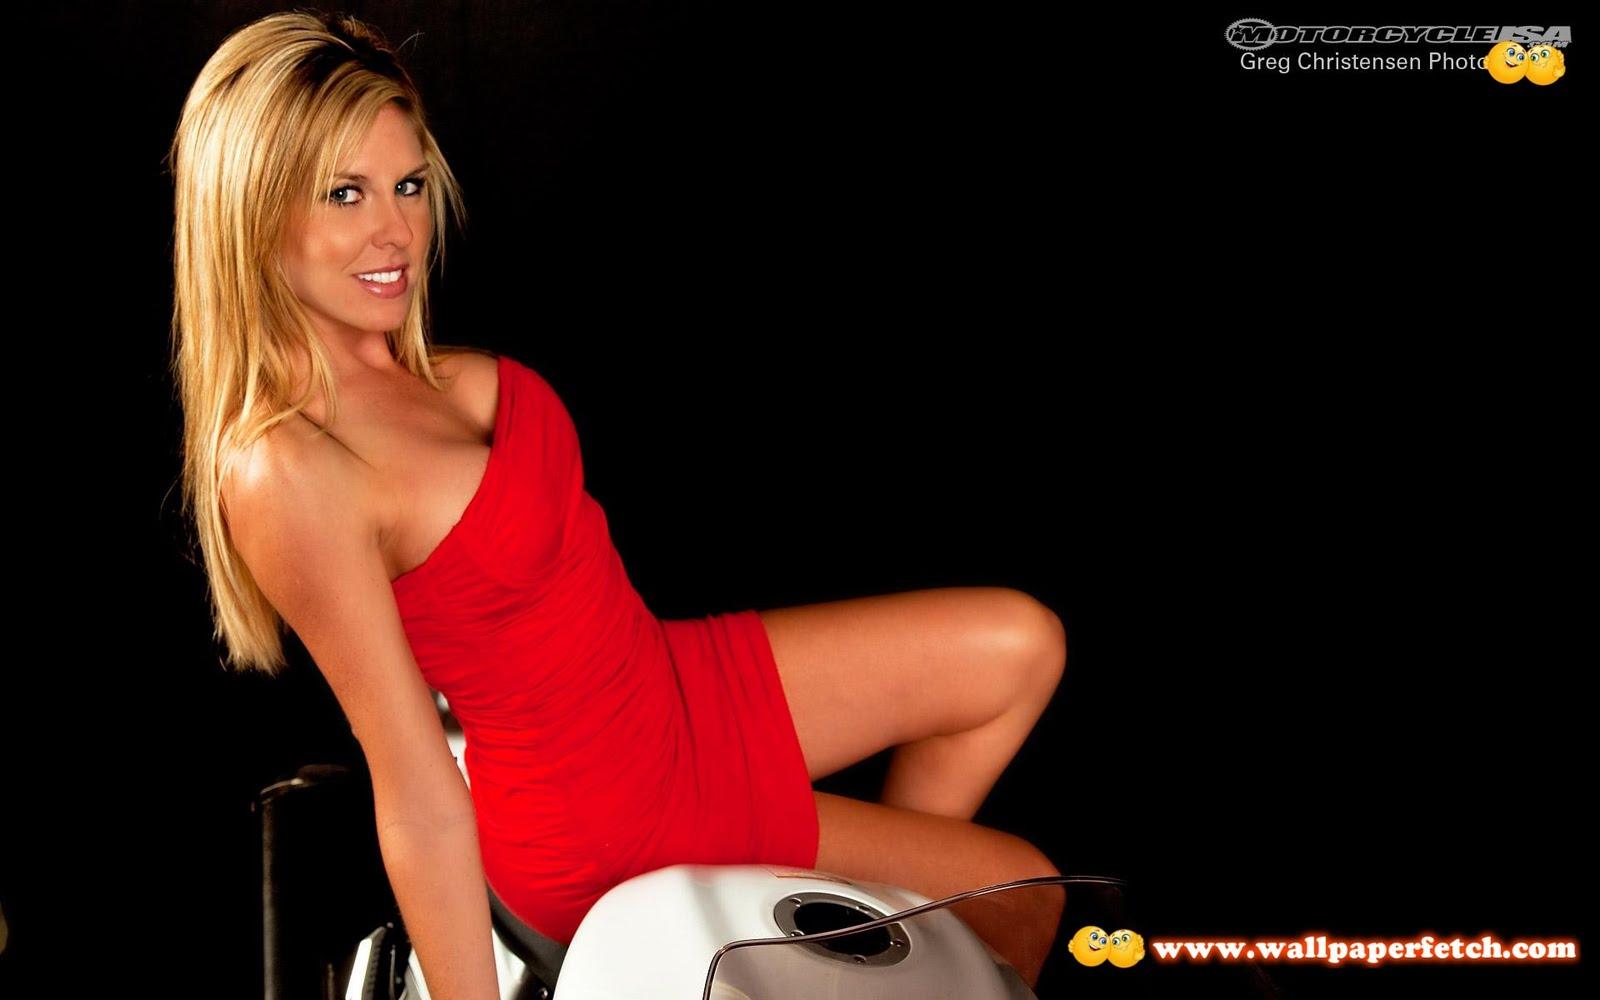 http://2.bp.blogspot.com/-6LTft_WtuK0/Tpcllkiet6I/AAAAAAAAGCo/-g5nJXV0OgQ/s1600/Wallcate.com%2B-Sexy%2BGirls%2B%2526%2BBikes%2B%252854%2529.jpg